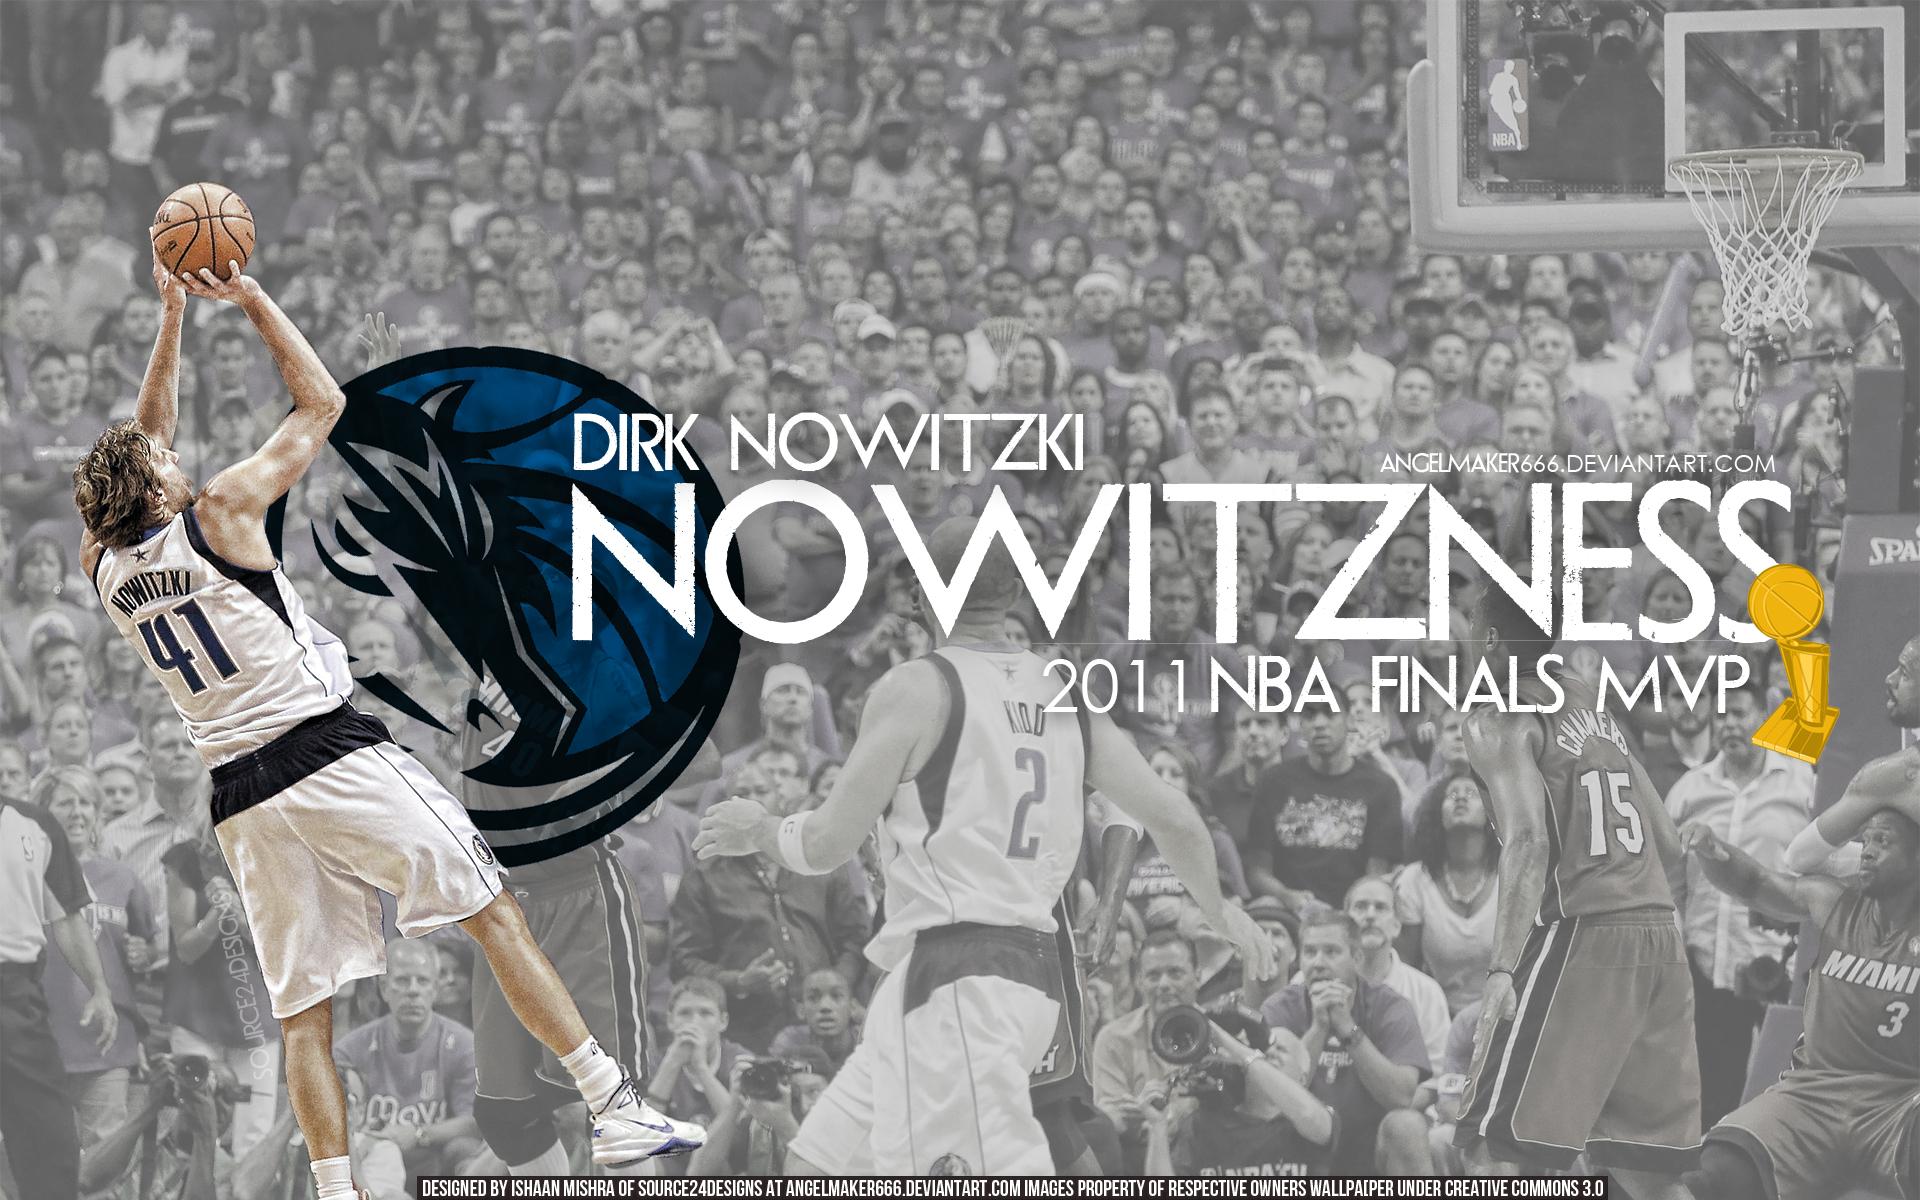 Dirk Nowitzki Finals MVP Wall by IshaanMishra